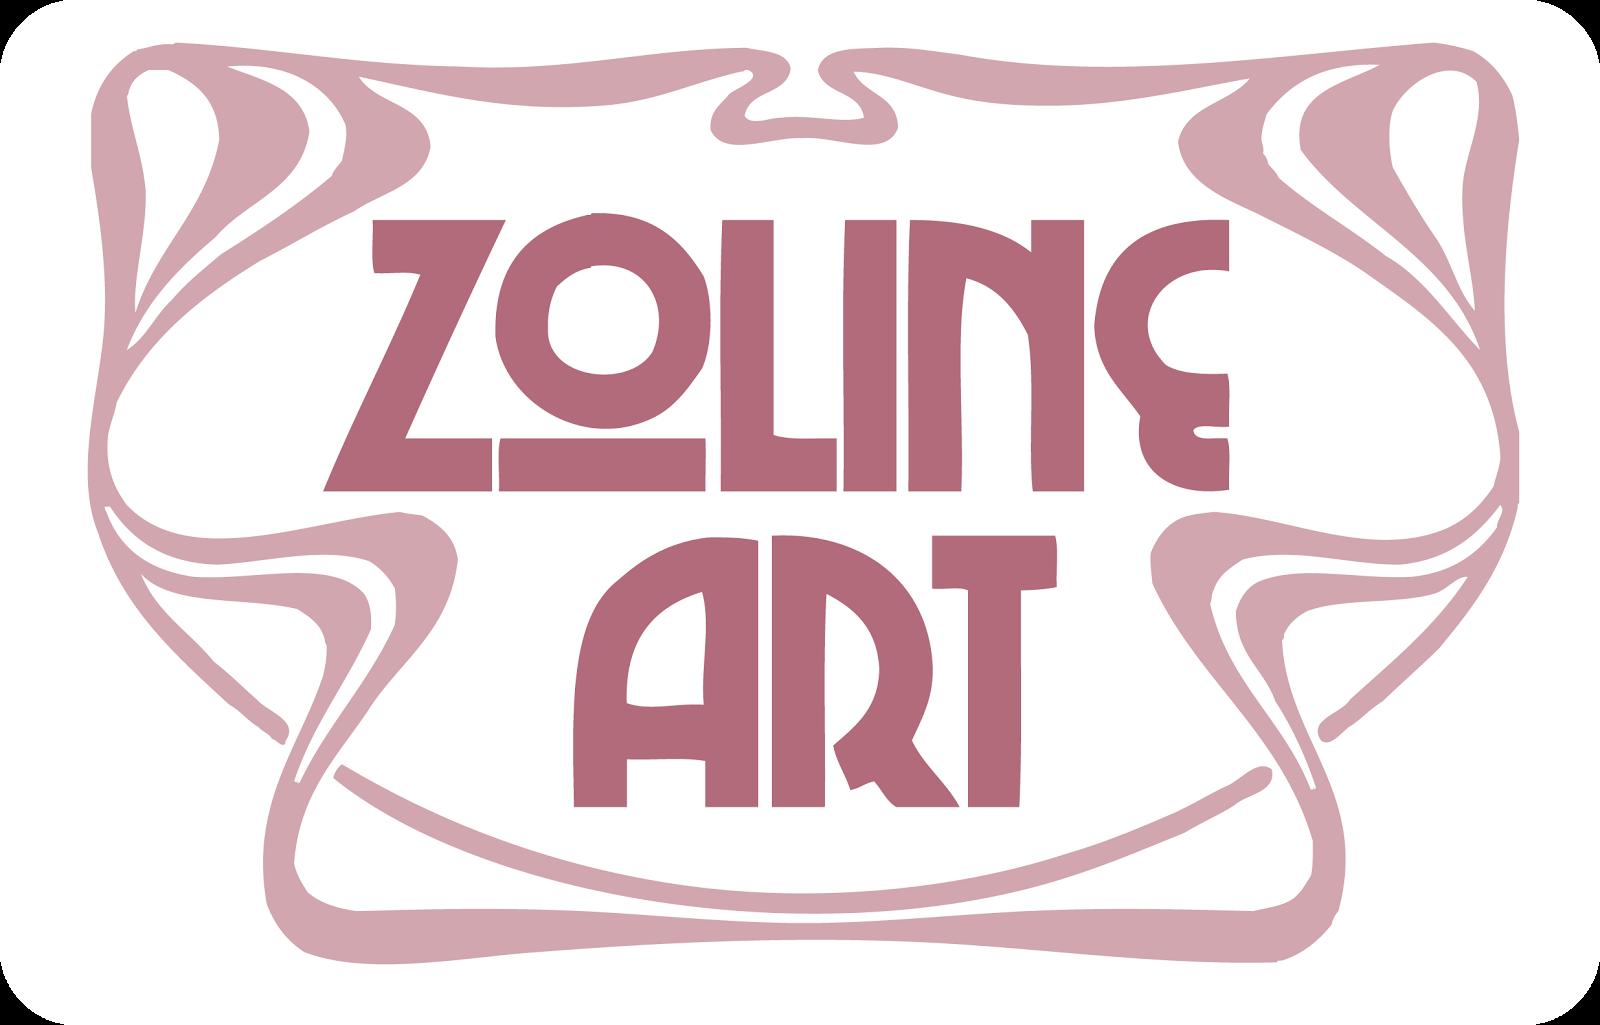 Zoline Gumpea Website